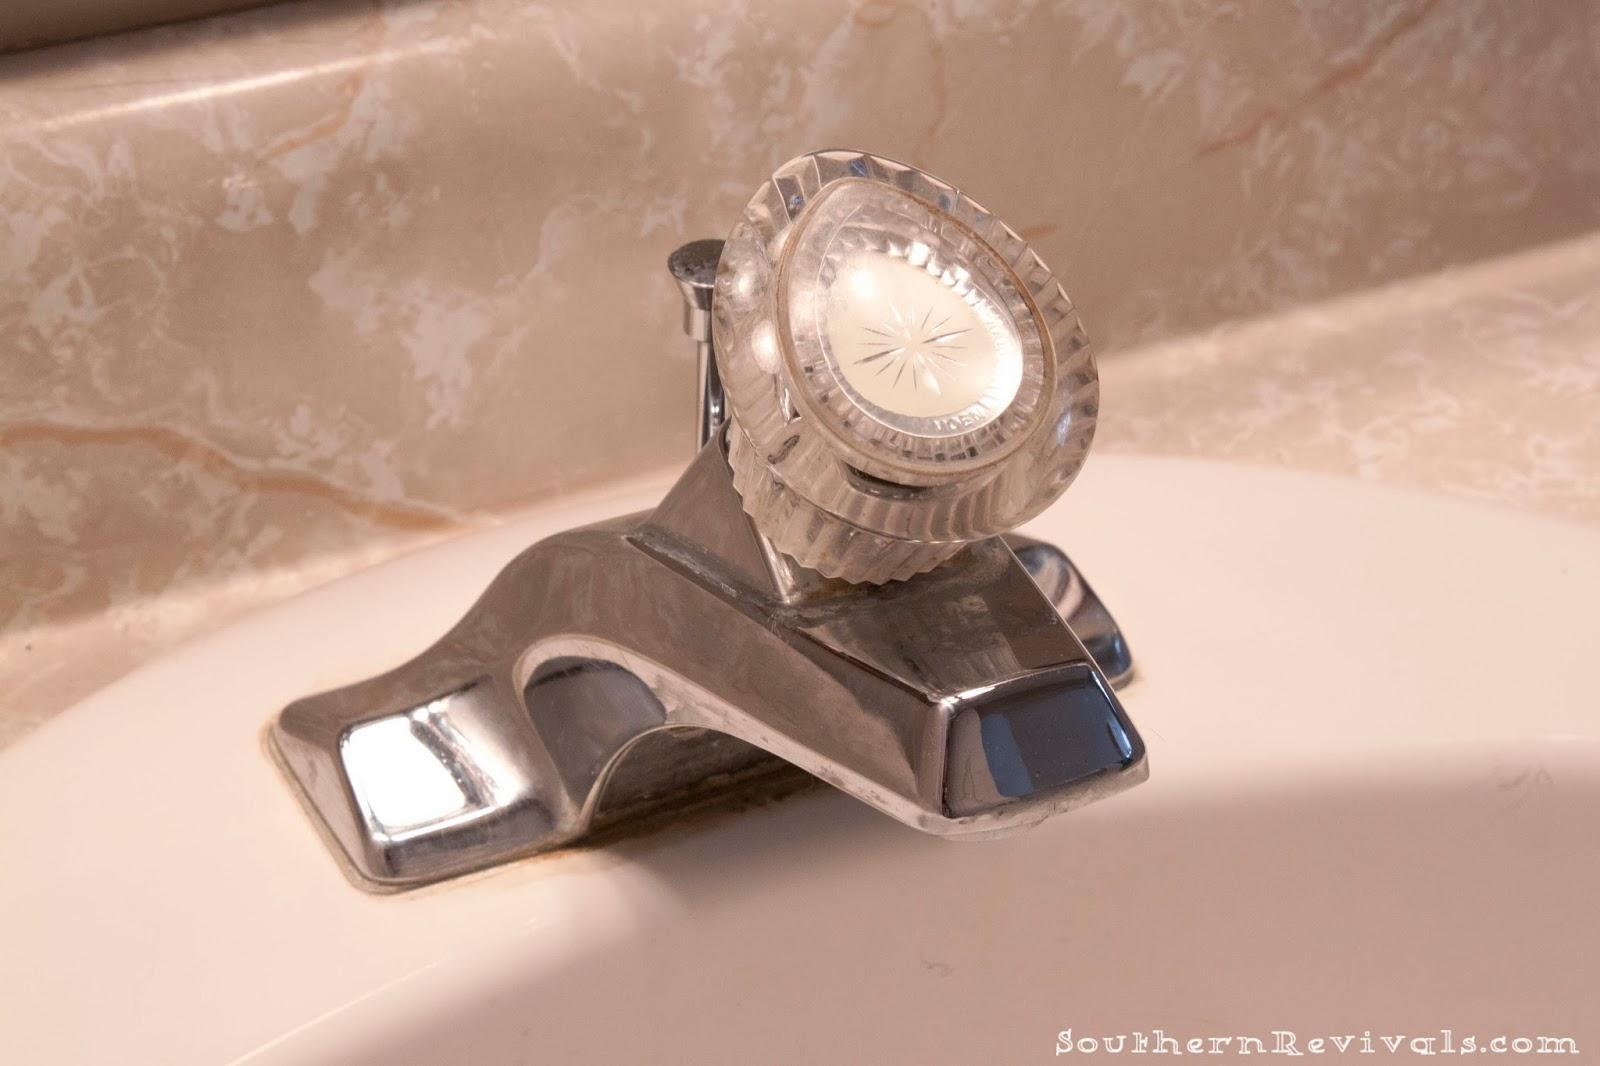 quick easy bathroom update moen boardwalk faucet install - Moen Boardwalk